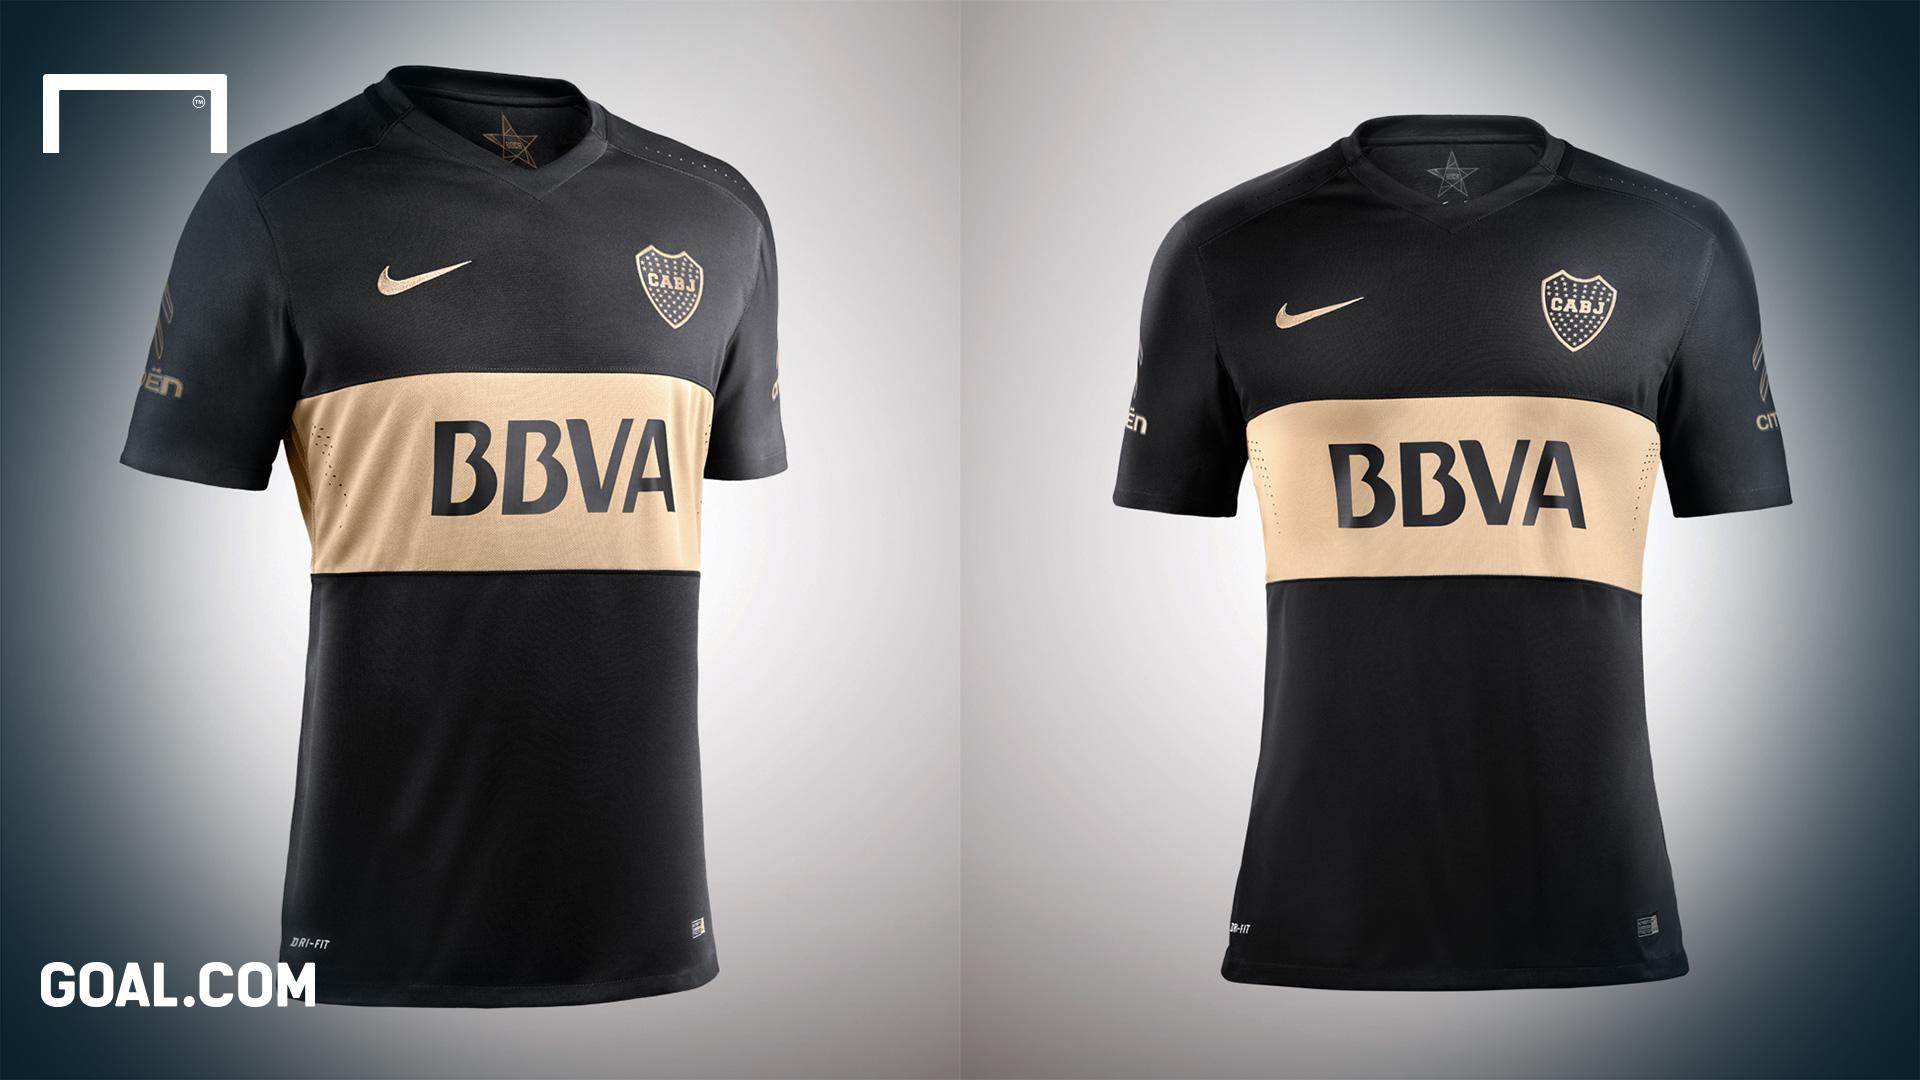 Detalles de la nueva camiseta de Boca 2016 04042016 - Goal.com